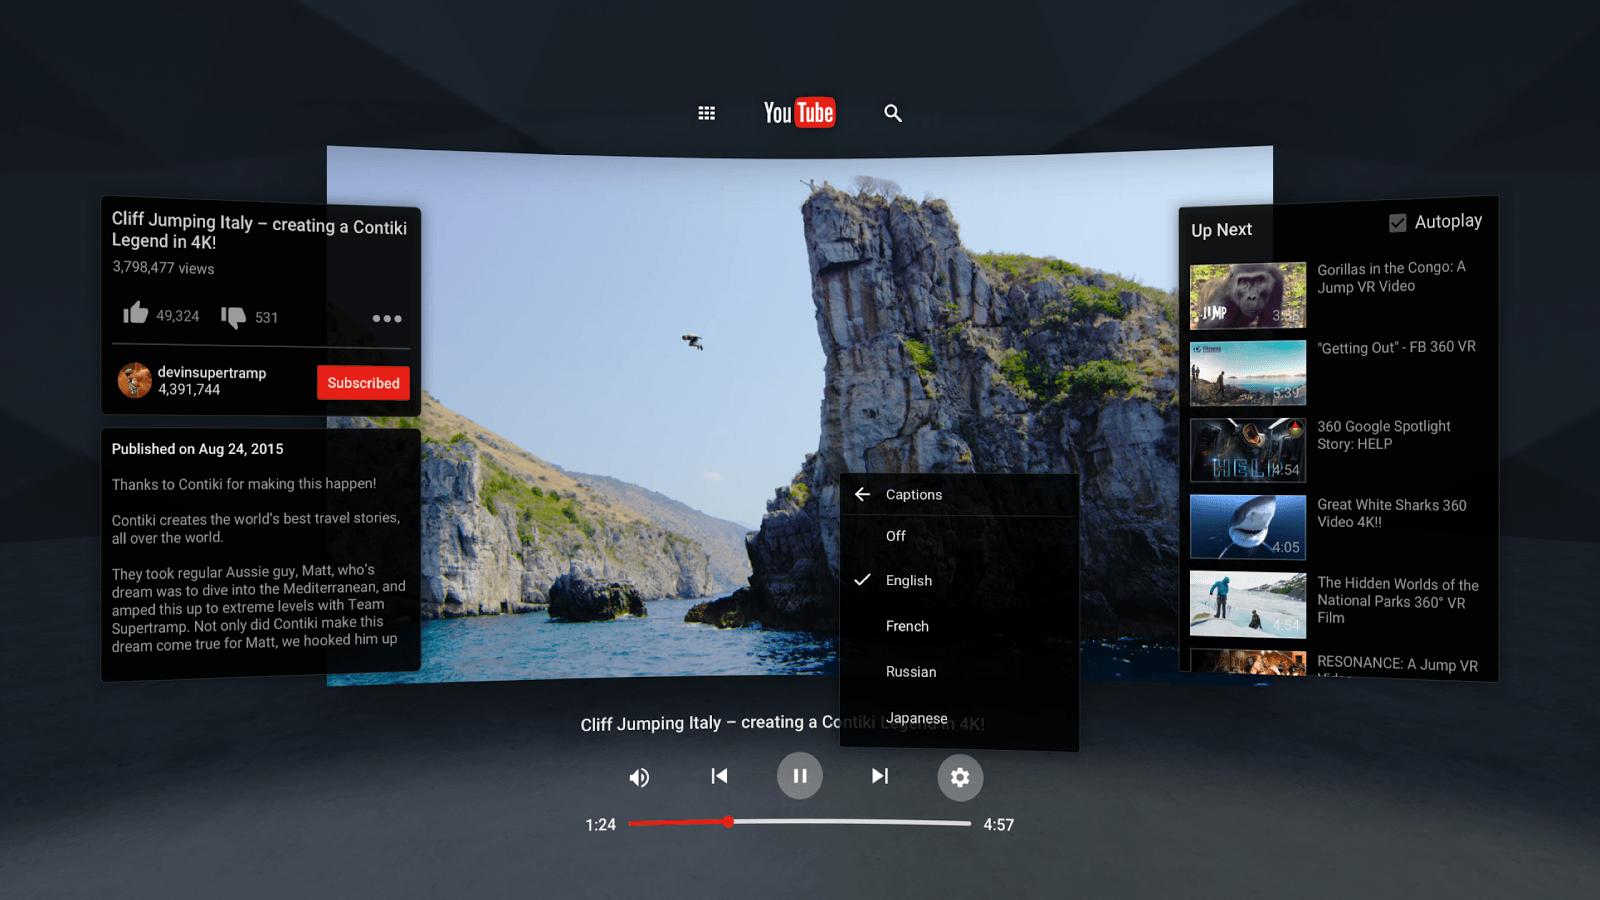 Il sera bientôt possible de regarder les vidéos 360° de YouTube sur le PS VR